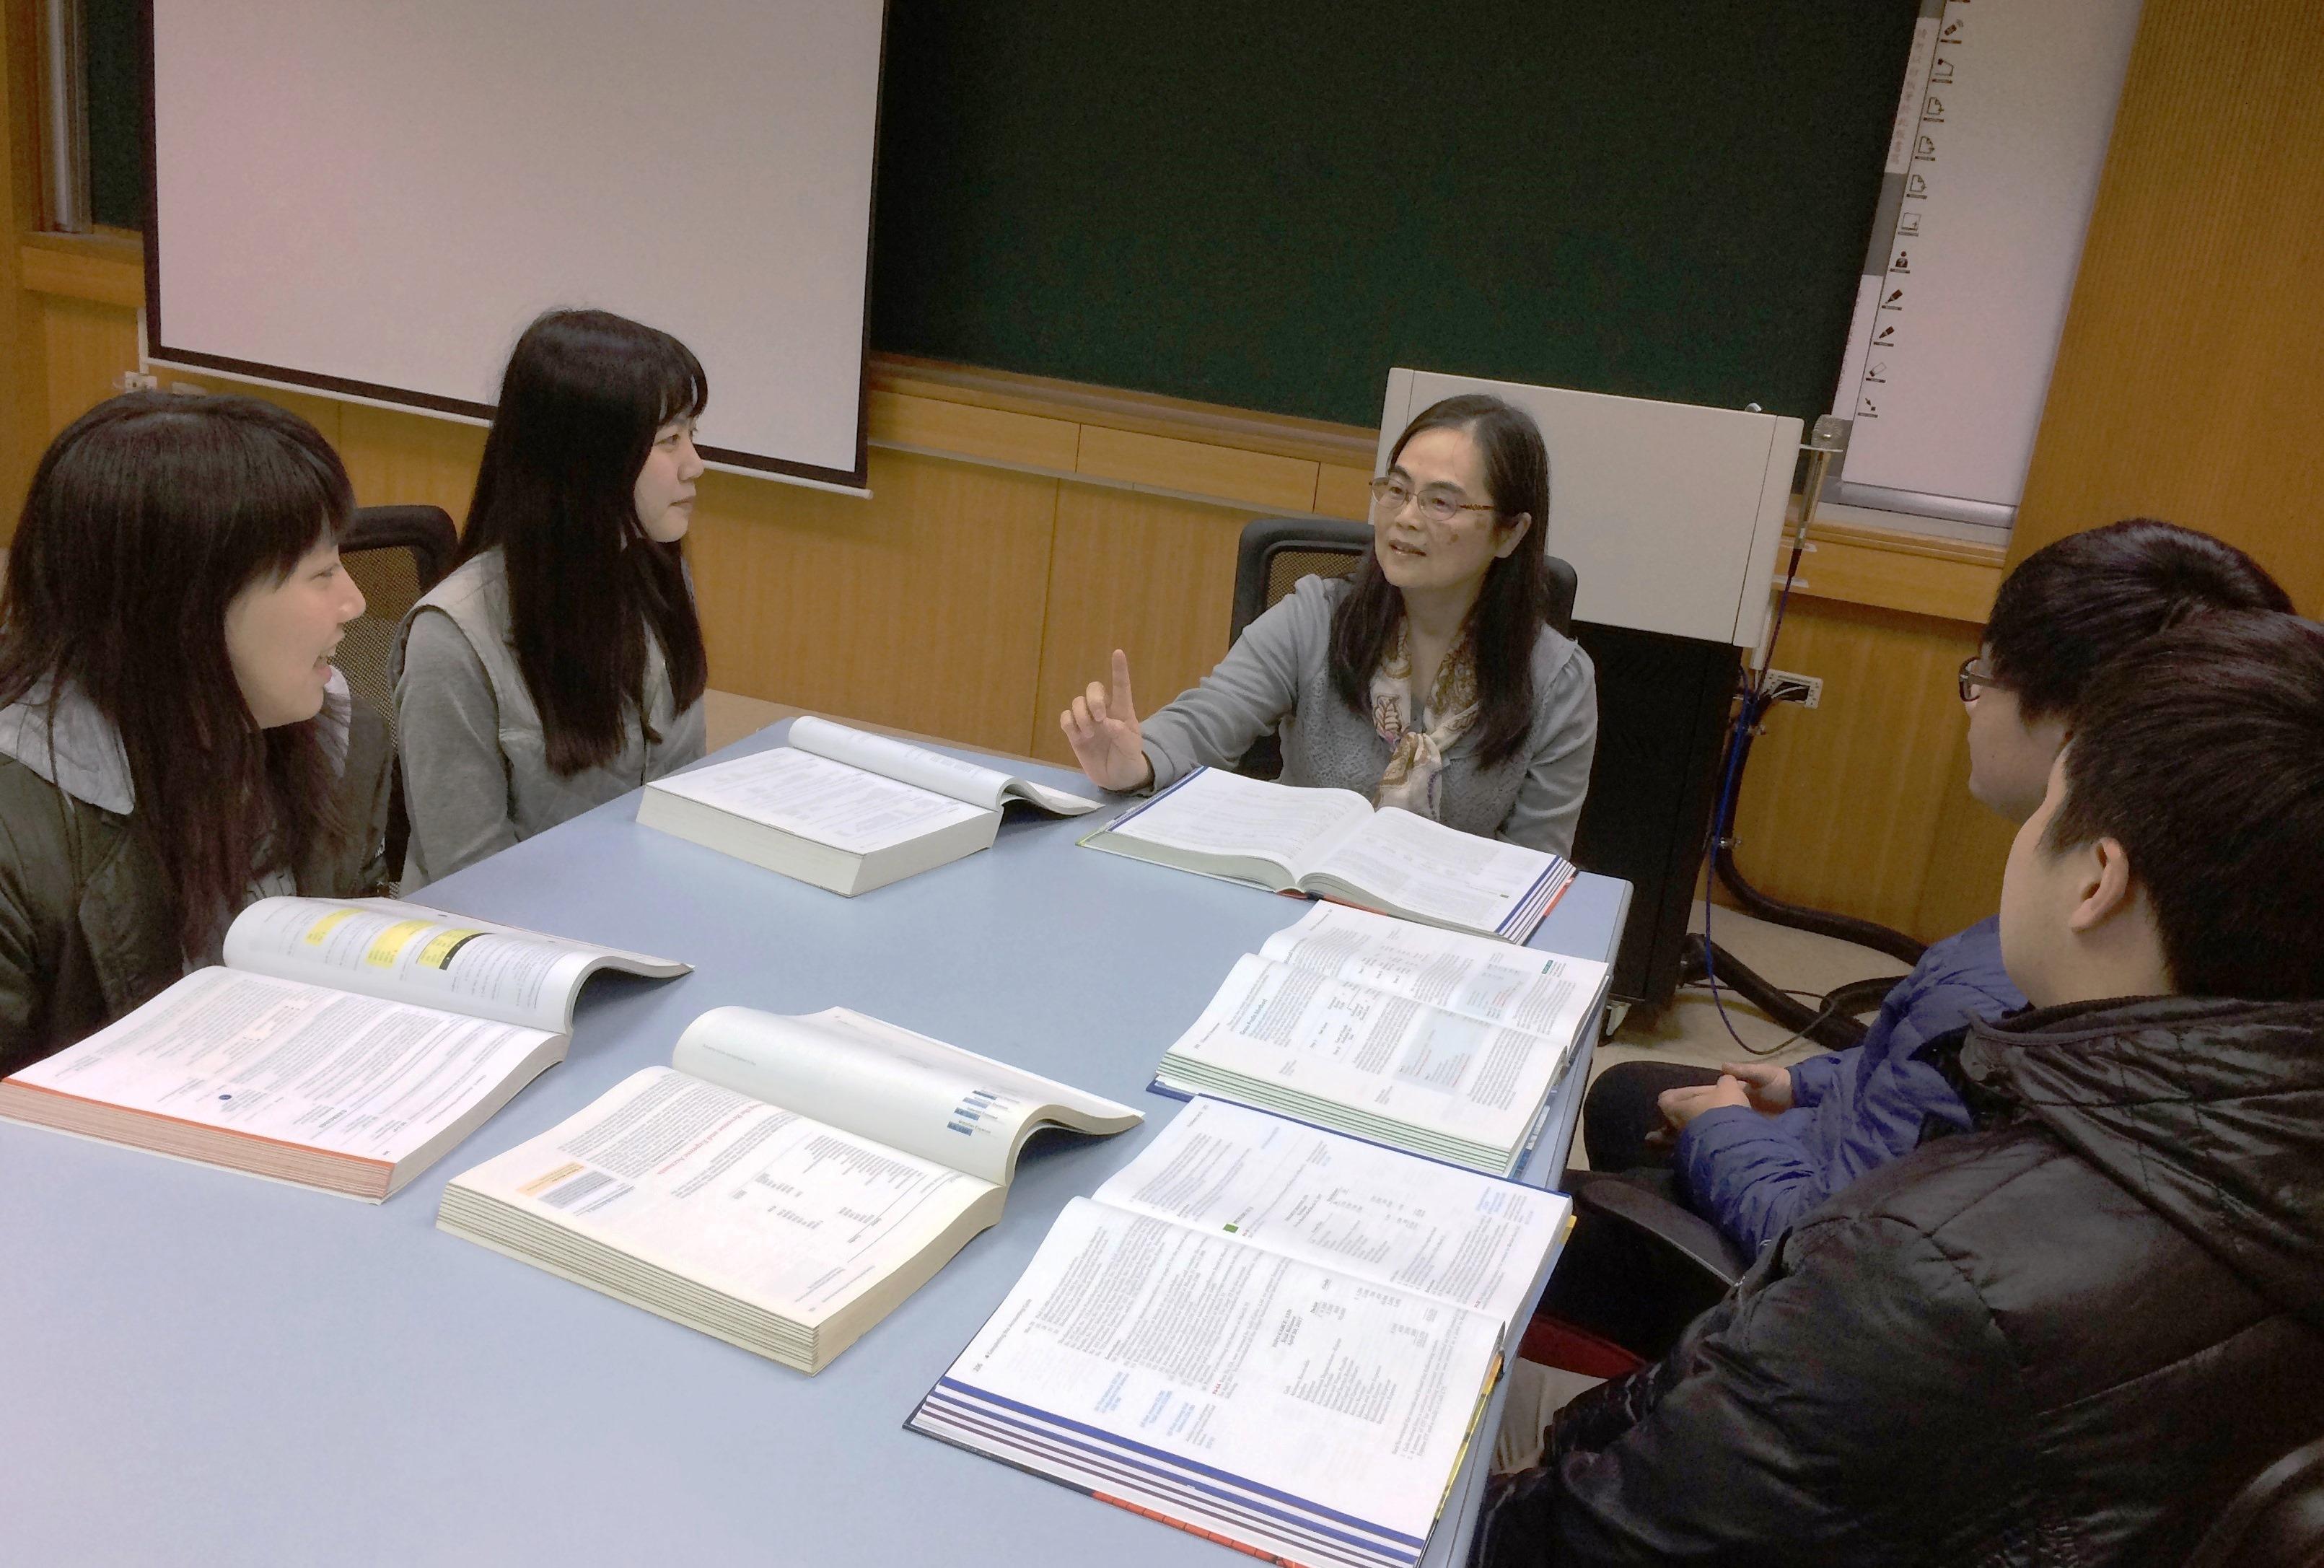 通稿照片4-中原大學透過多元化的教育與業界實務資源,為學生提升職場優勢。.JPG